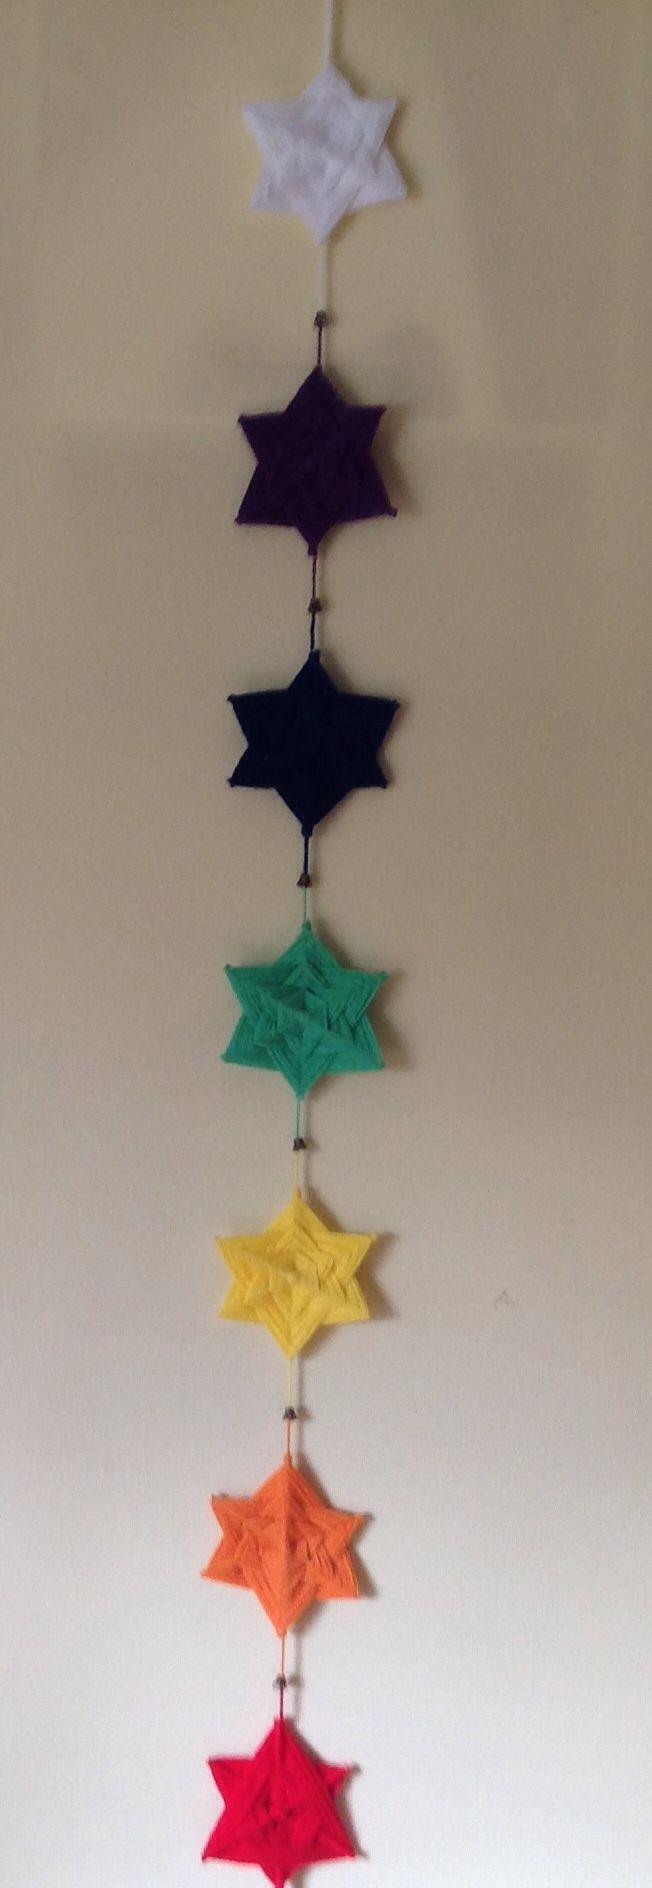 Móvil de estrellas,colores de los chacras